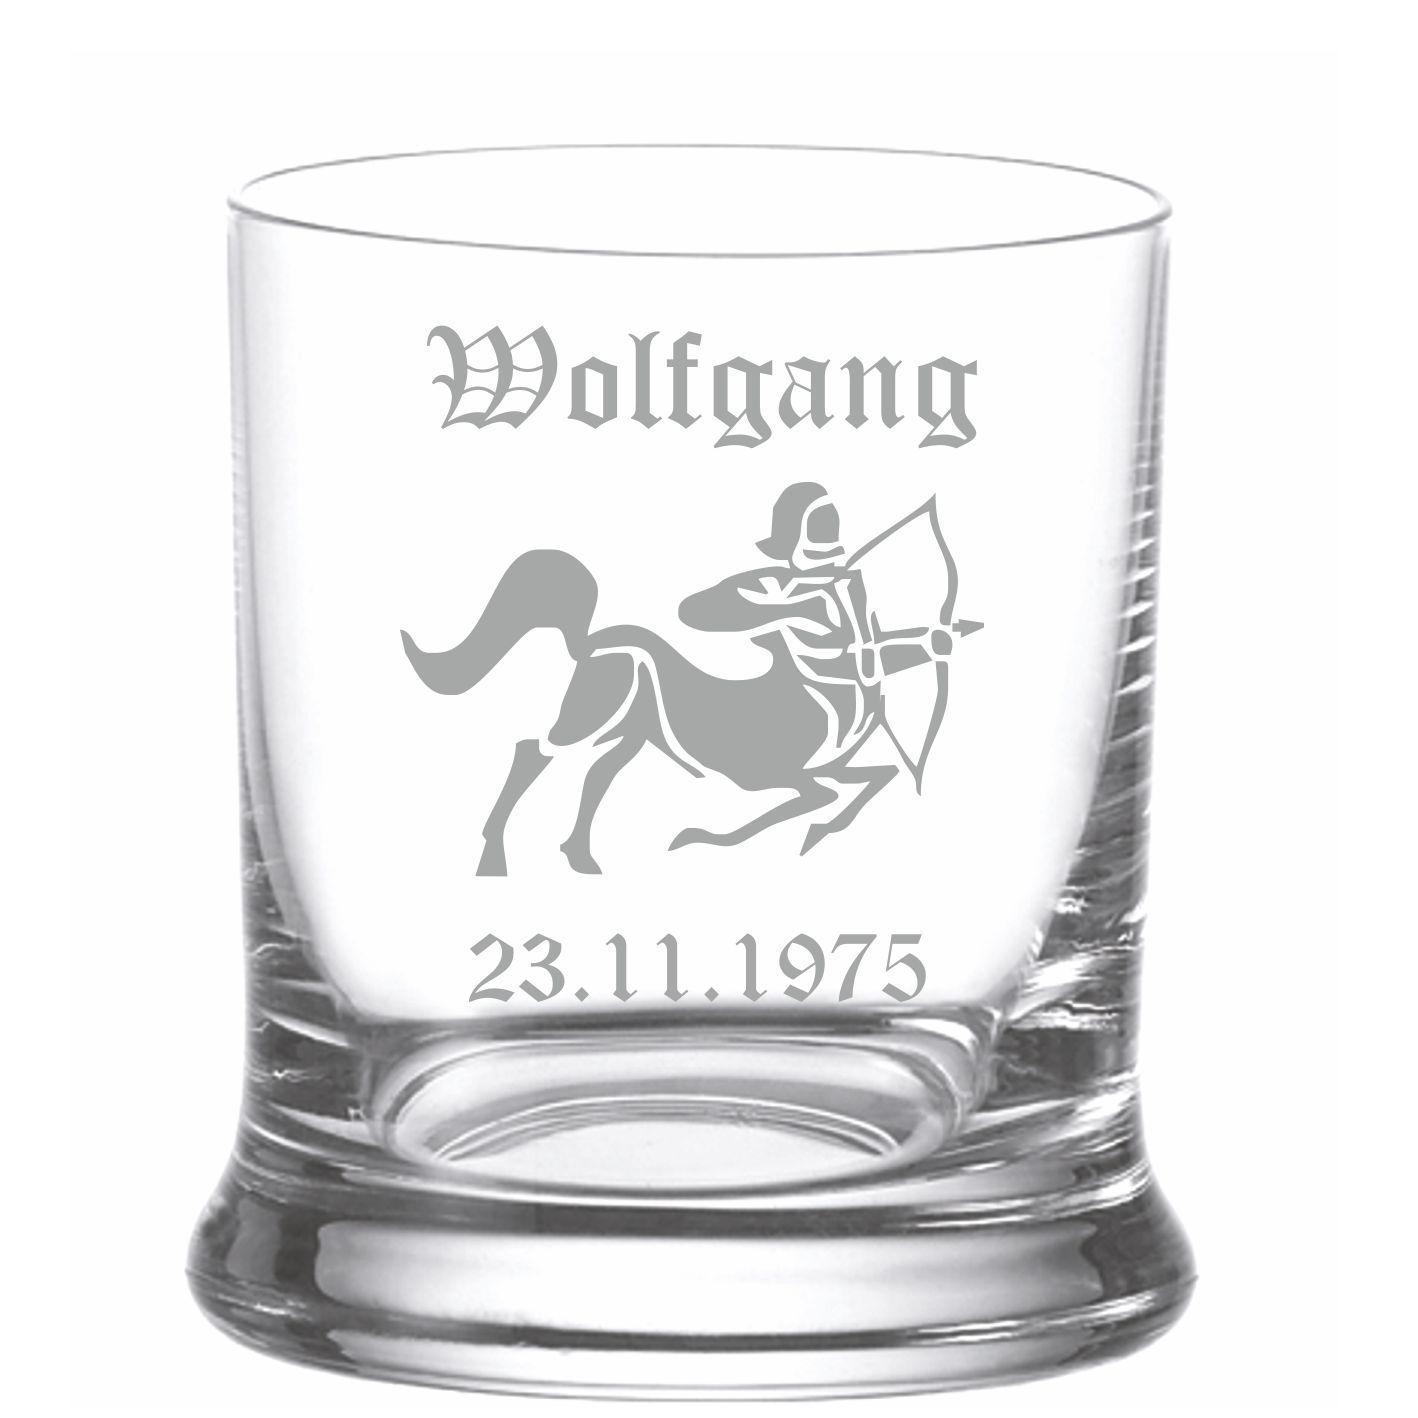 Whiskyglas mit Gravur Sternzeichen   Mit Name graviert - laser ...